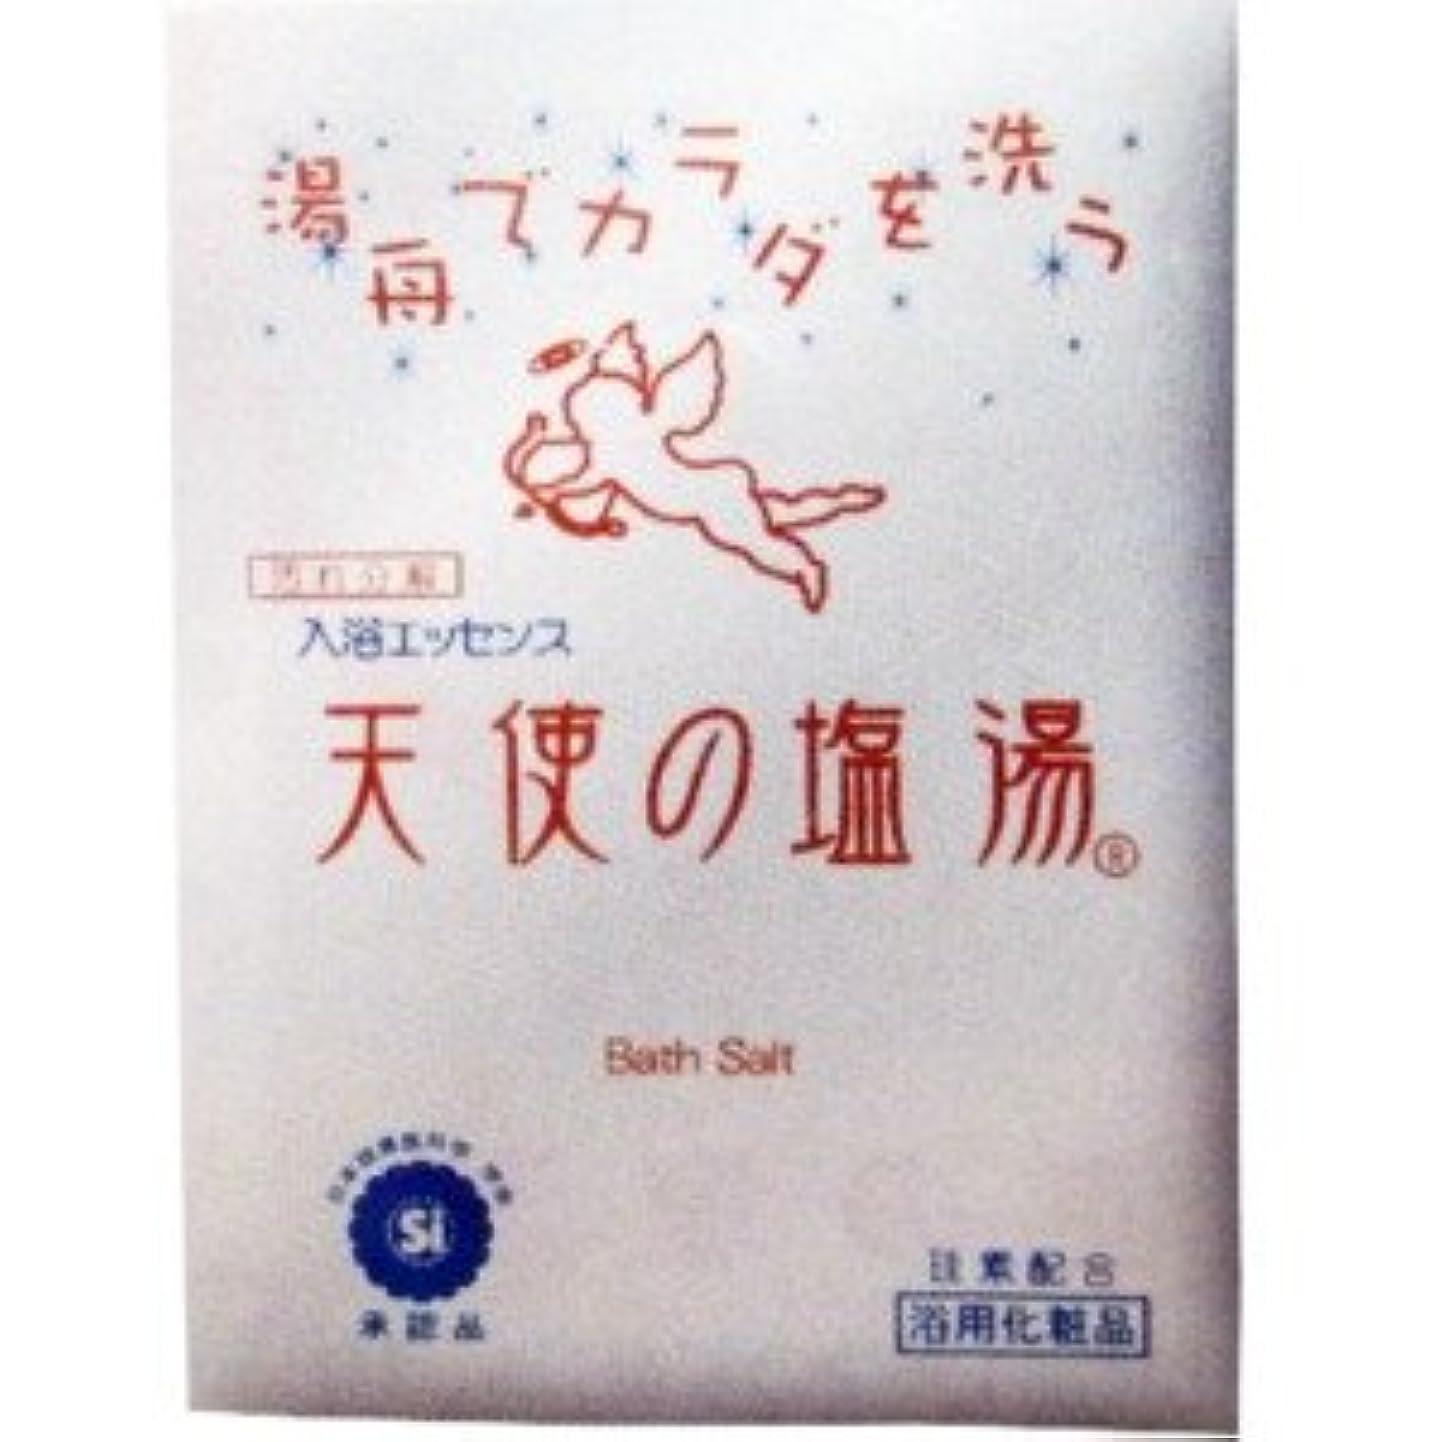 【日本製】入浴エッセンス天使の塩湯